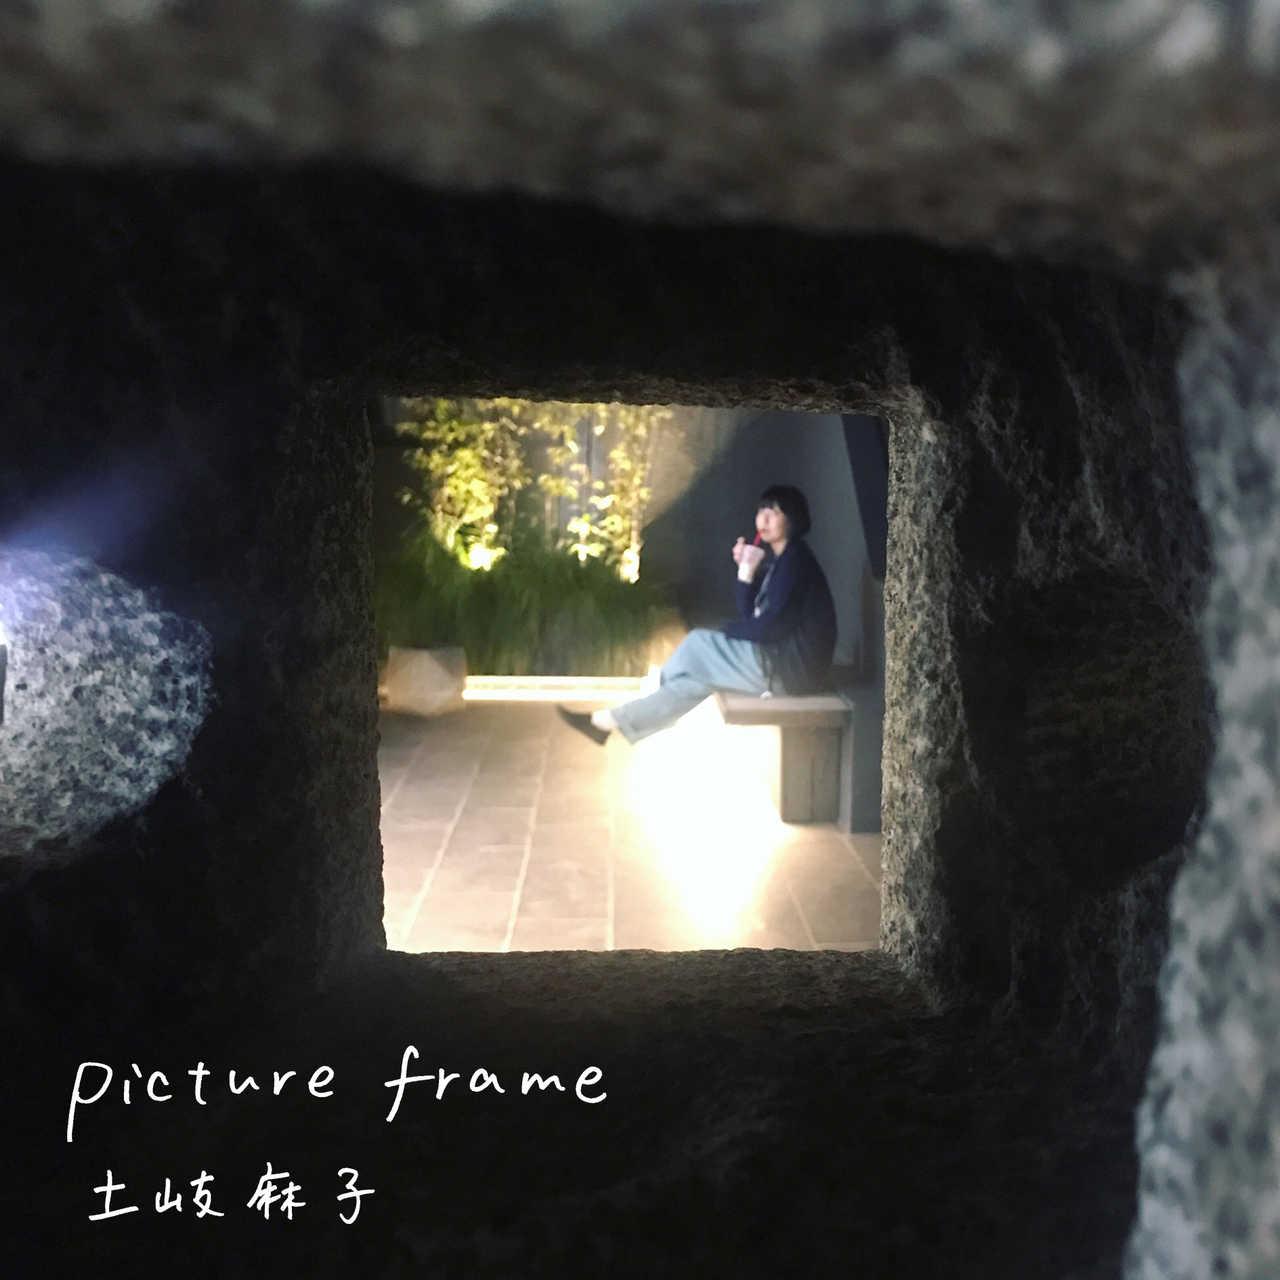 配信シングル「picture frame」